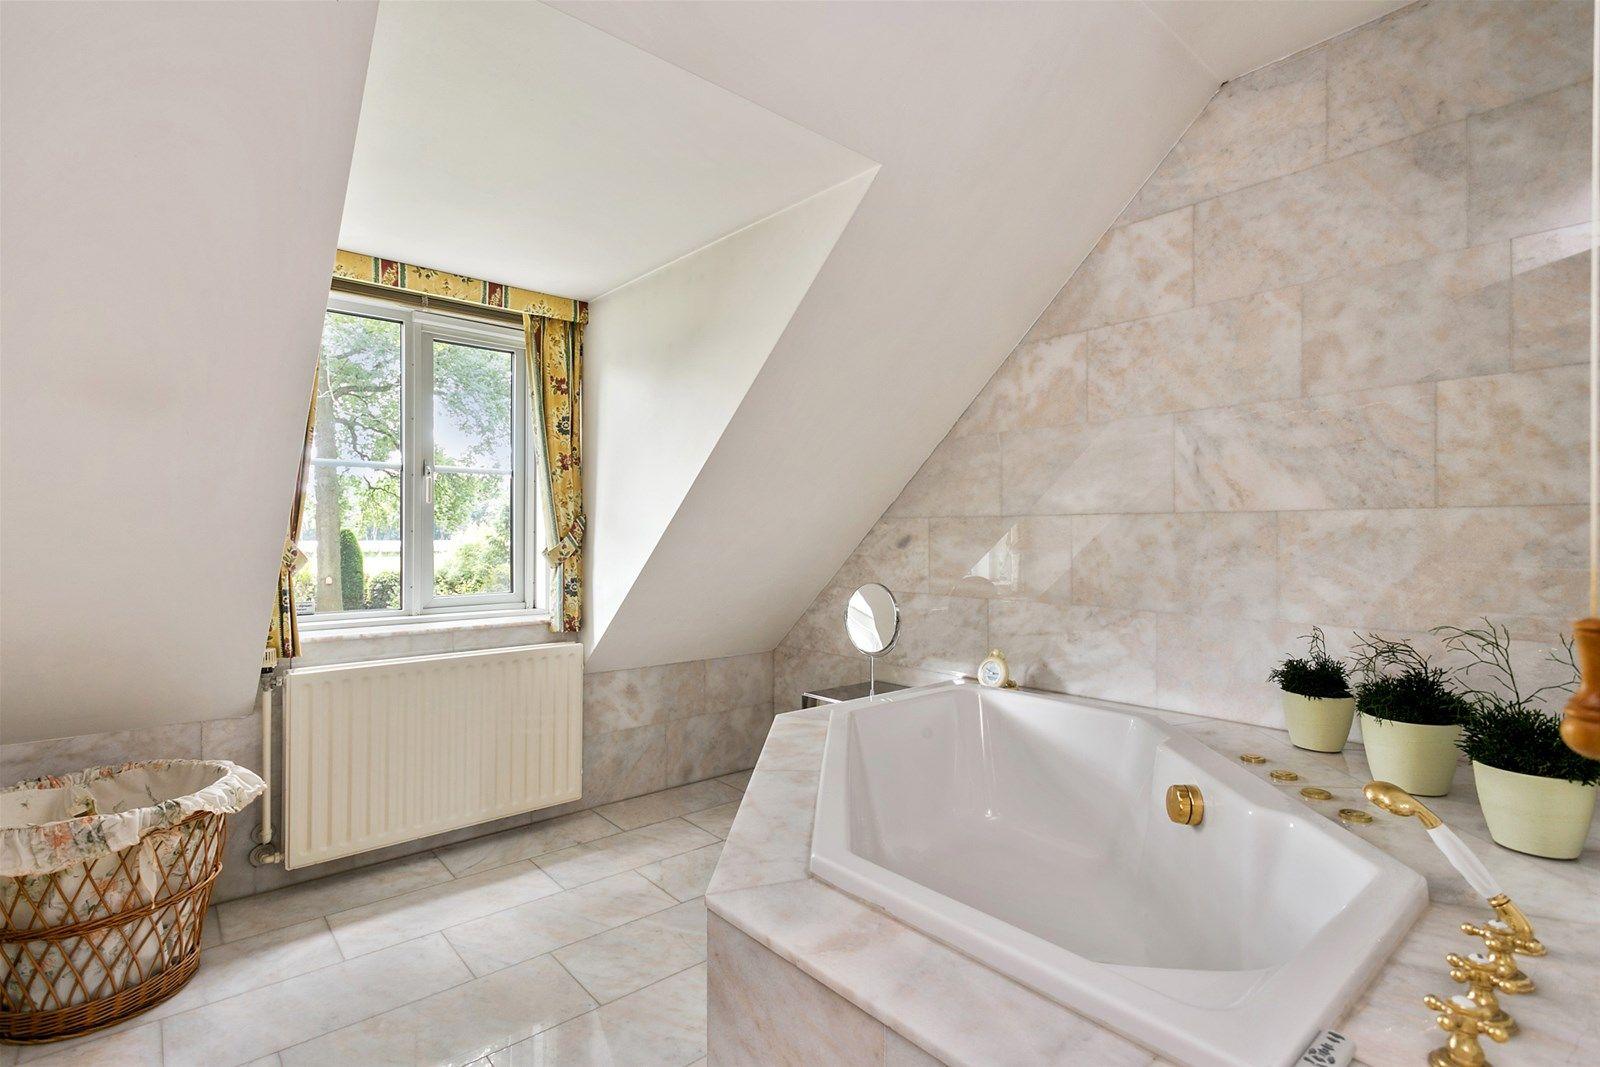 Deze karakteristieke woonboerderij is goed onderhouden en rustig gelegen in het buitengebied van Rijsbergen, op een ruim perceel van 5.135 m². Bij de woonboerderij behoren een vrijstaande garage met extra bergruimte, twee opritten en een schitterende parkachtige tuin met veel privacy.   De woning is o.a. voorzien van een riante woonkamer met openslaande tuindeuren, een royale woonkeuken, fraaie eetkamer met authentieke schouw, drie ruime slaapkamers, een luxe badkamer, doucheruimte en een multifunctionele kamer. In 1997 is er een aanbouw gerealiseerd voorzien van een eigen entree, woon-/slaapruimte en badkamer voor minder valide personen en is dan ook rolstoelvriendelijk. Deze ruimte is tevens uitstekend geschikt als kantoor- of praktijkruimte.  De ligging is ideaal. In het mooie buitengebied met rust en ruimte om u heen, maar ook binnen enkele minuten van de dorpskern van Rijsbergen met alle dagelijkse voorzieningen. Rijsbergen is gunstig gelegen tussen Rotterdam en Antwerpen en ligt nabij de plaatsen Zundert, Etten-Leur en Breda. In de omgeving zijn een tal van leuke voorzieningen te vinden. Zo kunt u een ijsje gaan eten bij de ijssalon, met de kinderen spelen in de binnen- en buitenspeeltuin of zwemmen in het binnenzwembad. Ook de jaarlijkse bloemencorso in Zundert is een topevenement dat erg leeft in de gemeente.  BEGANE GROND   Ruime entree/hal met vaste kast en meterkast die toegang biedt tot de ruime eetkamer. Afwerking- Plavuizenvloer, deels stucwerk wanden, deels structuurverf wanden en een balkenplafond.   Ruime eetkamer met schouw en haard en openslaande tuindeuren naar het terras. De grote ramen in de eetkamer geven een mooie lichtinval en bieden een fraai uitzicht over de prachtige tuin. In deze kamer bevindt zich tevens een mooie nis, dit is de voormalige schouw. Afwerking- Marmeren vloer, behangen wanden en een balkenplafond.   Hal met hardhouten bordestrap naar de eerste verdieping.  Afwerking- Marmeren vloer, behangen wanden en een balkenplafond.   